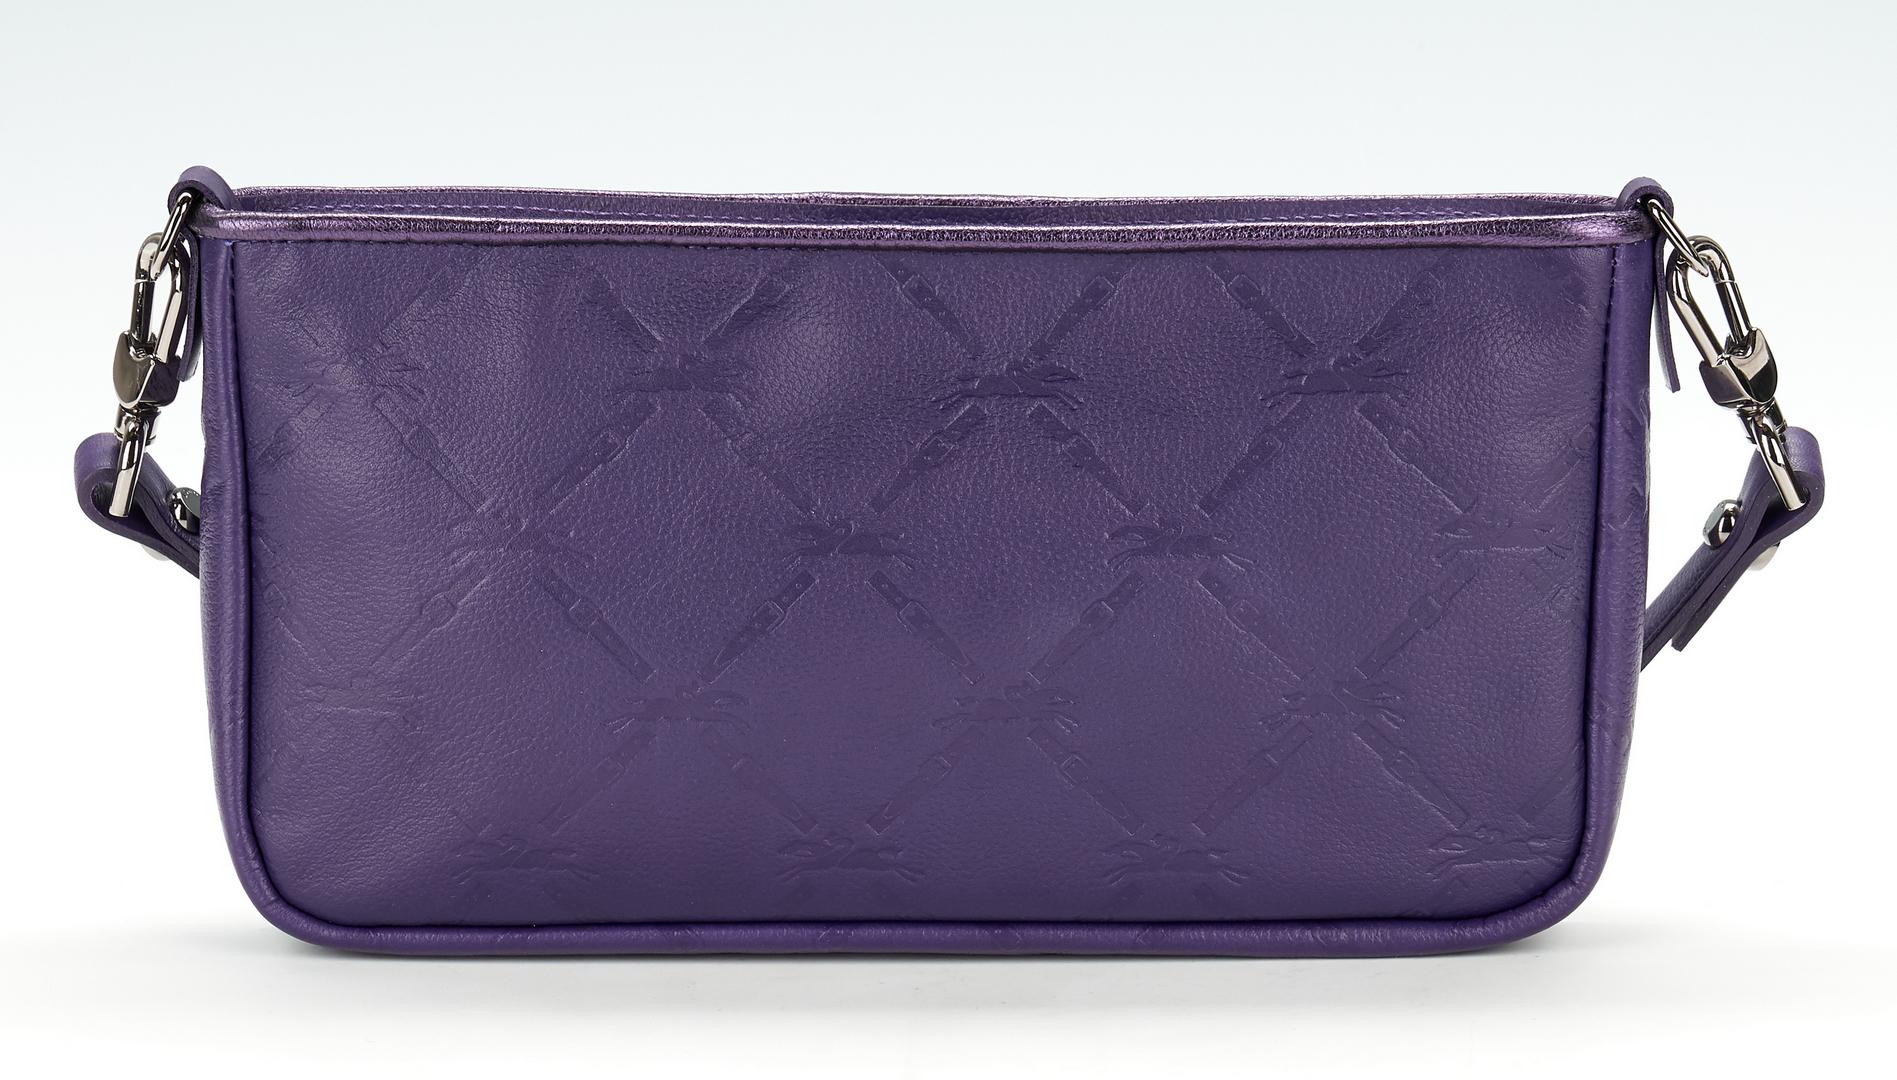 Lot 1026: 5 European Designer Items, incl. Loewe & Longchamp